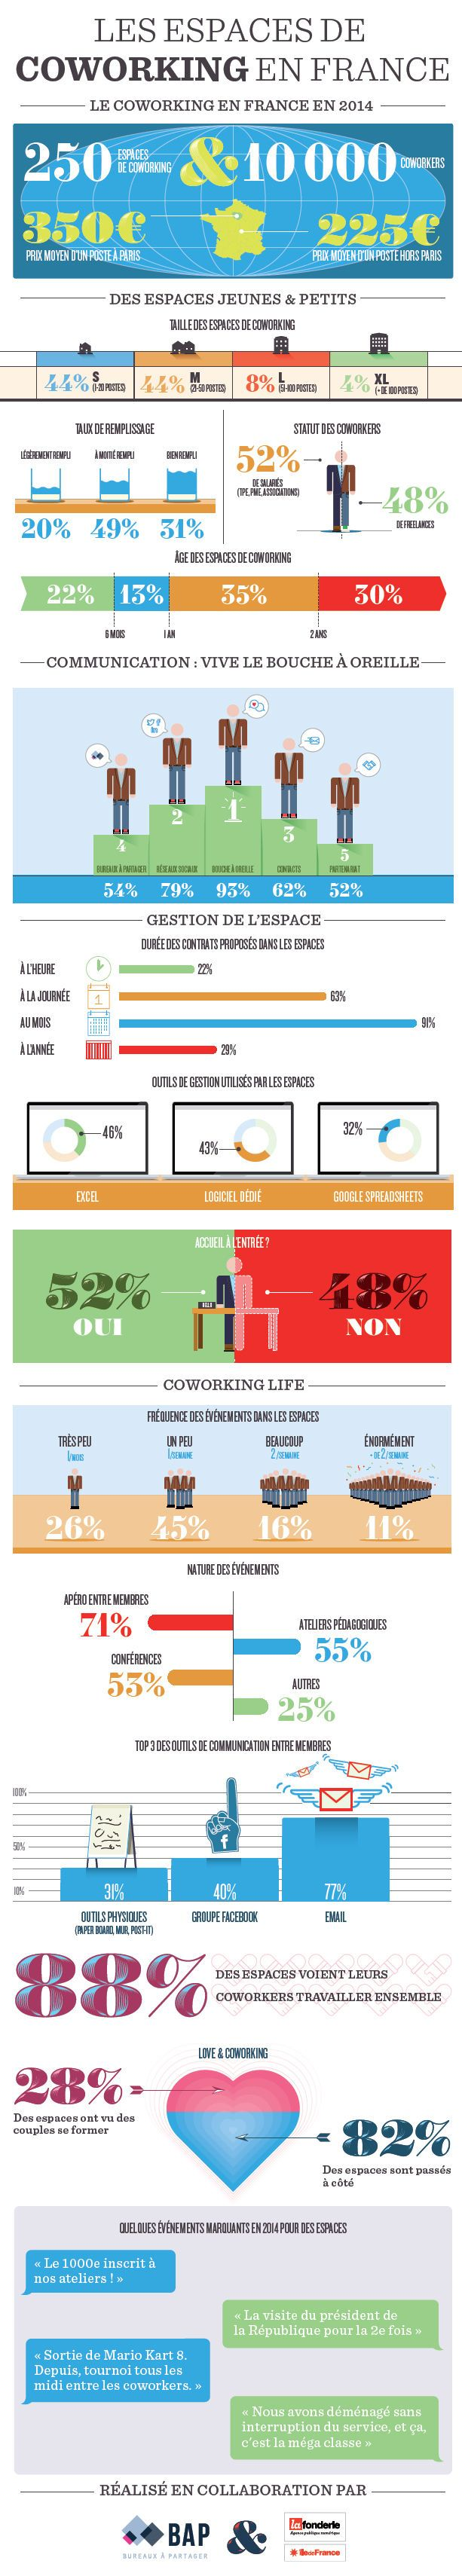 Infographie : Petit bilan sur les espaces de coworking en France